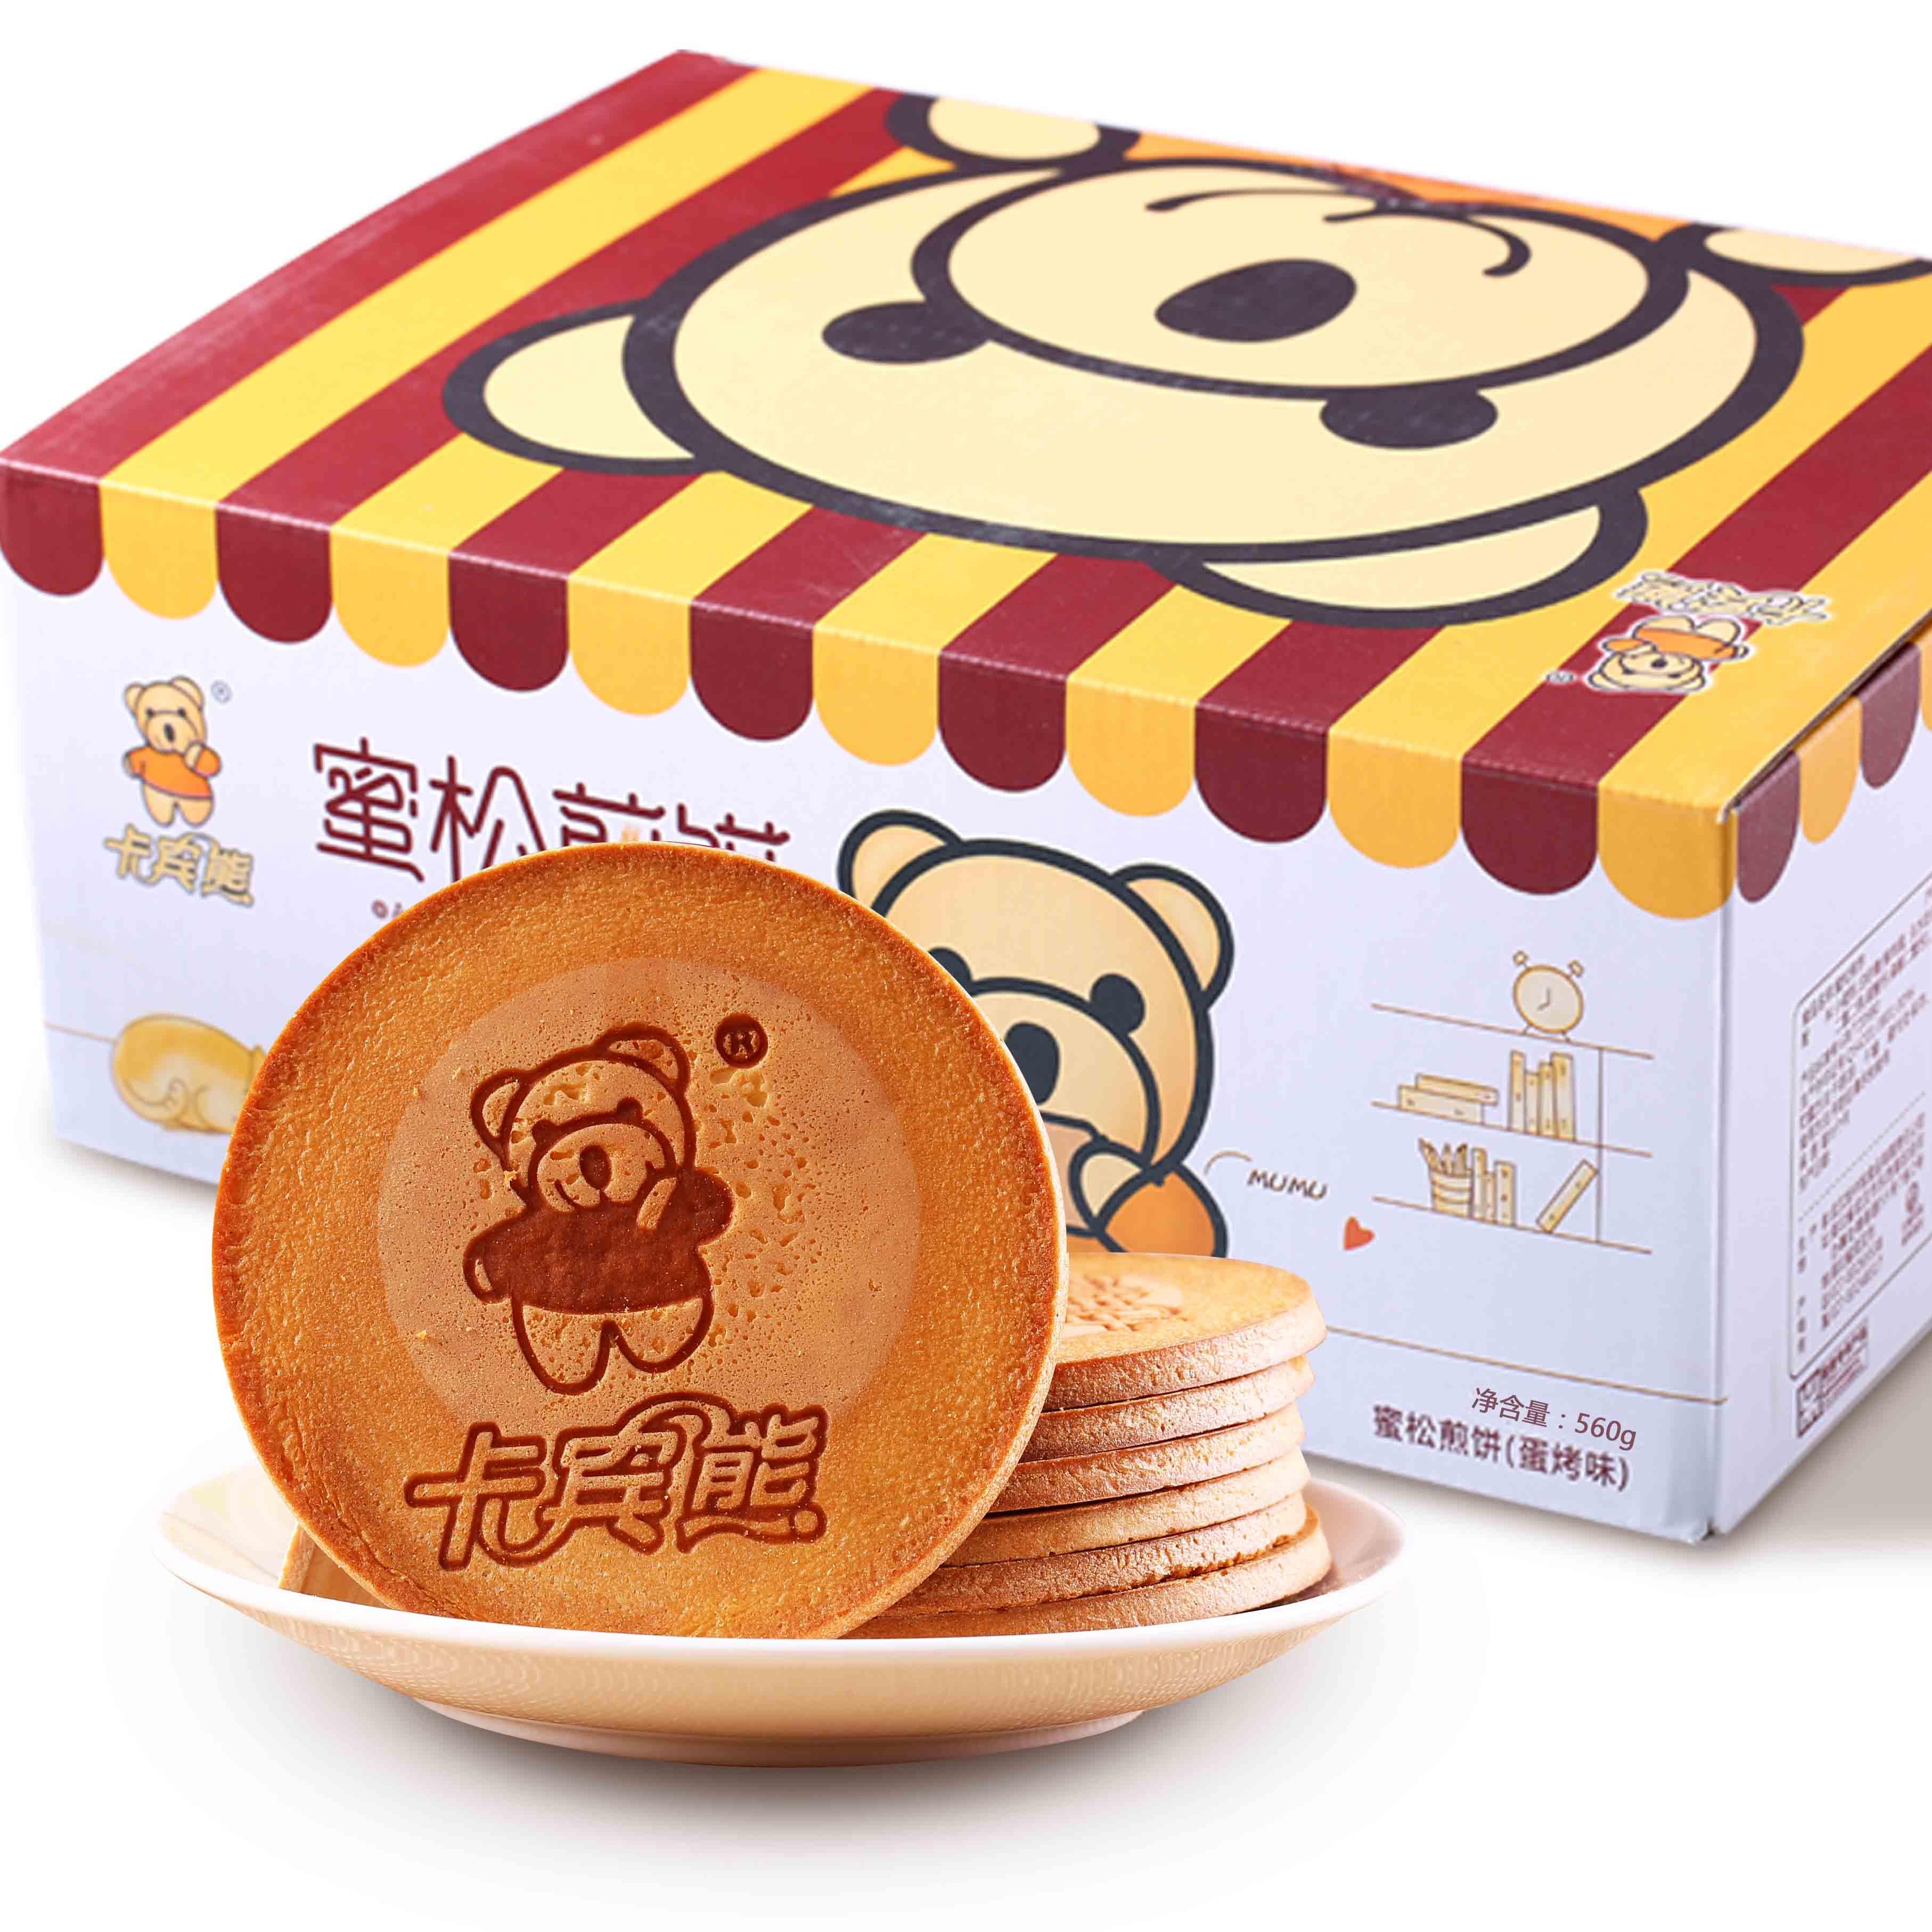 ~天貓超市~卡賓熊 蜜鬆煎餅蛋烤味560g 早餐 零食 點心 餅幹